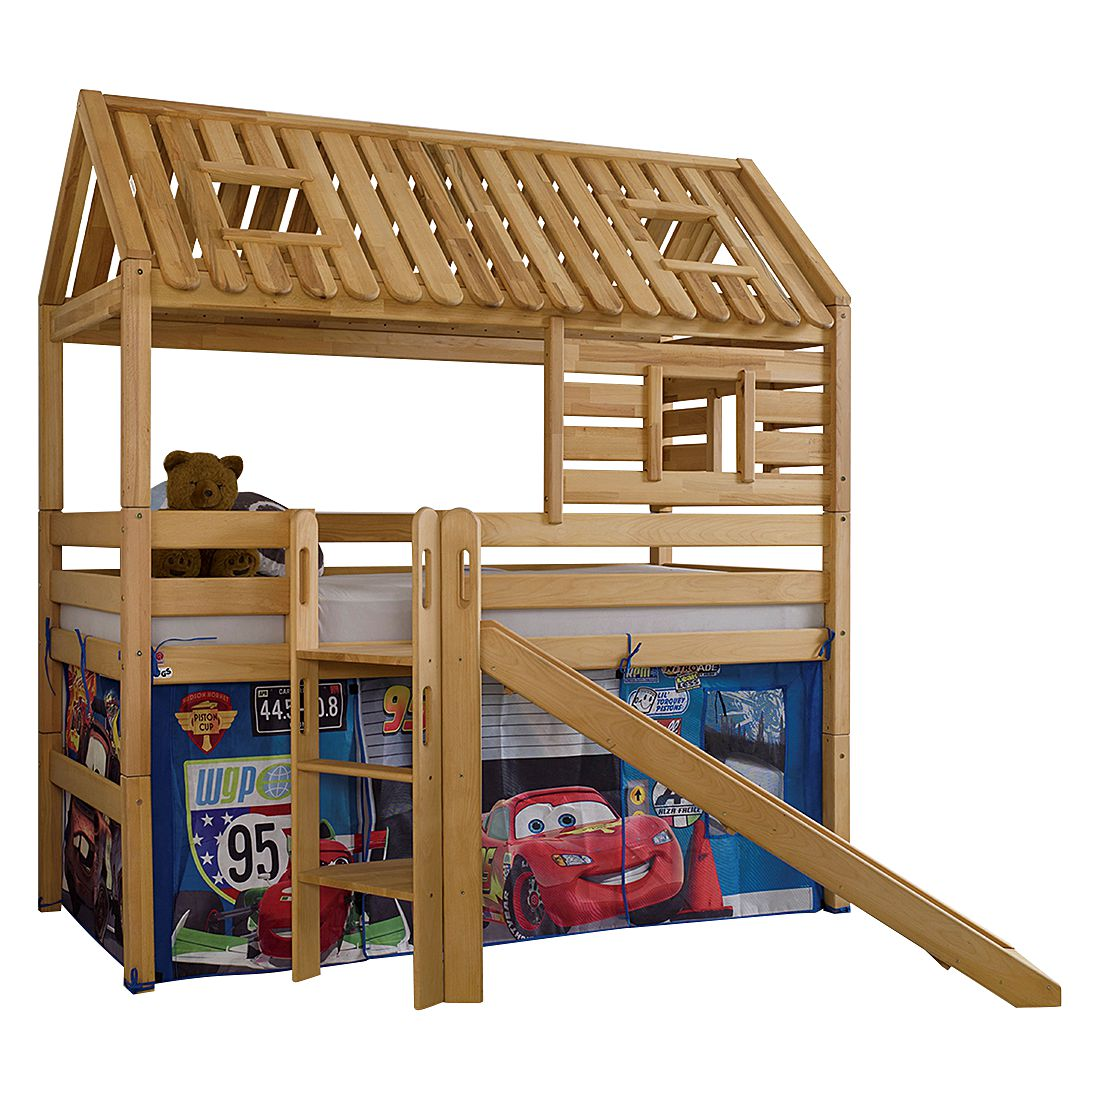 Spielbett Tom´s Hütte (mit Rutsche) - Buche massiv/Textil - Geölt/Disney Cars, Relita